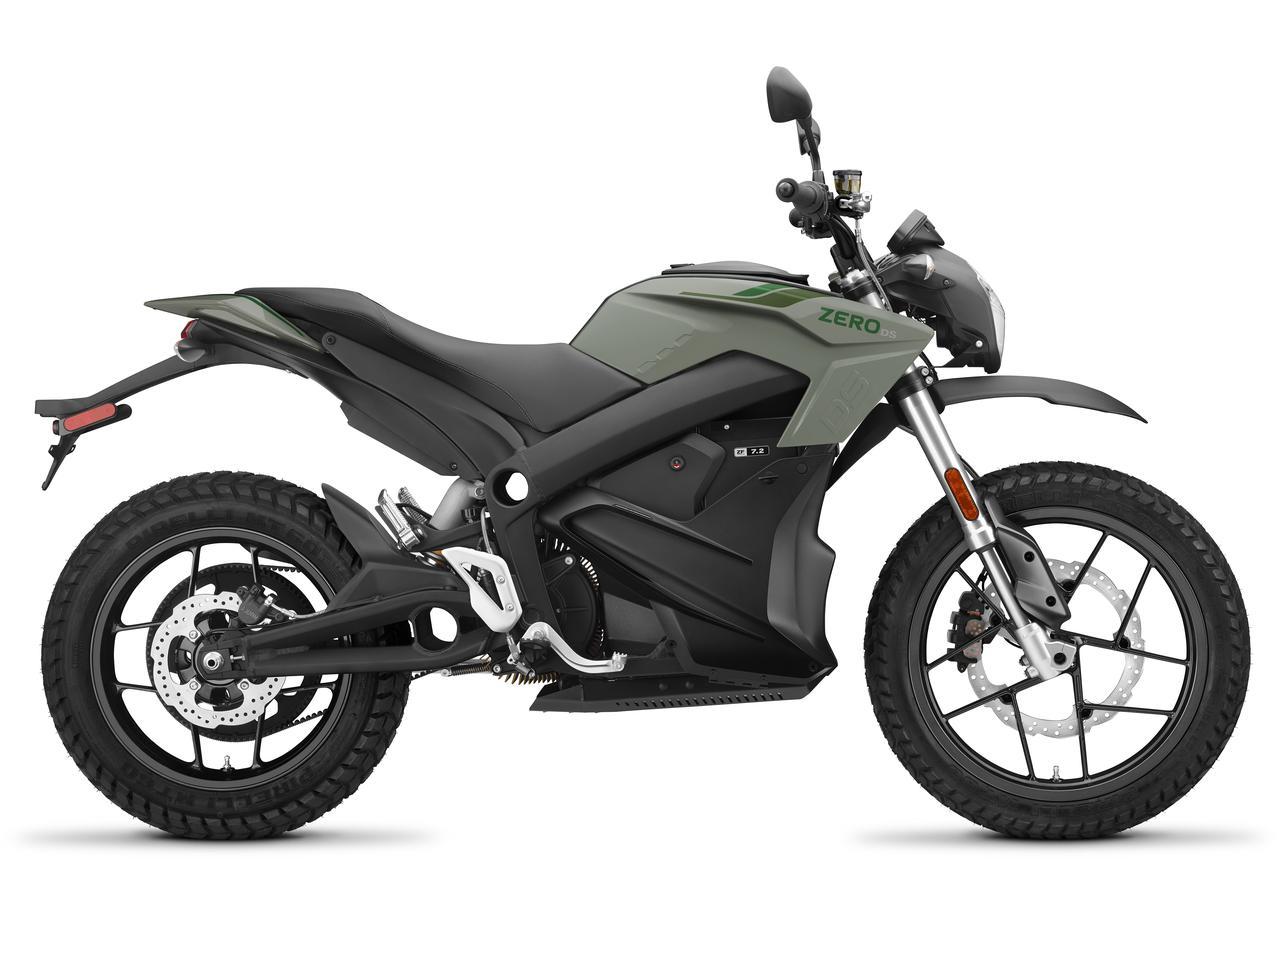 画像: ゼロのロングセラーモデルであるDSは、フロント19インチを採用するデュアルパーパスモデル。搭載するモーターはFXSと同タイプで、最高出力は34kw(46PS)/4,300rpm。AT含む普通自動二輪免許で運転可です。 www.rental819.com